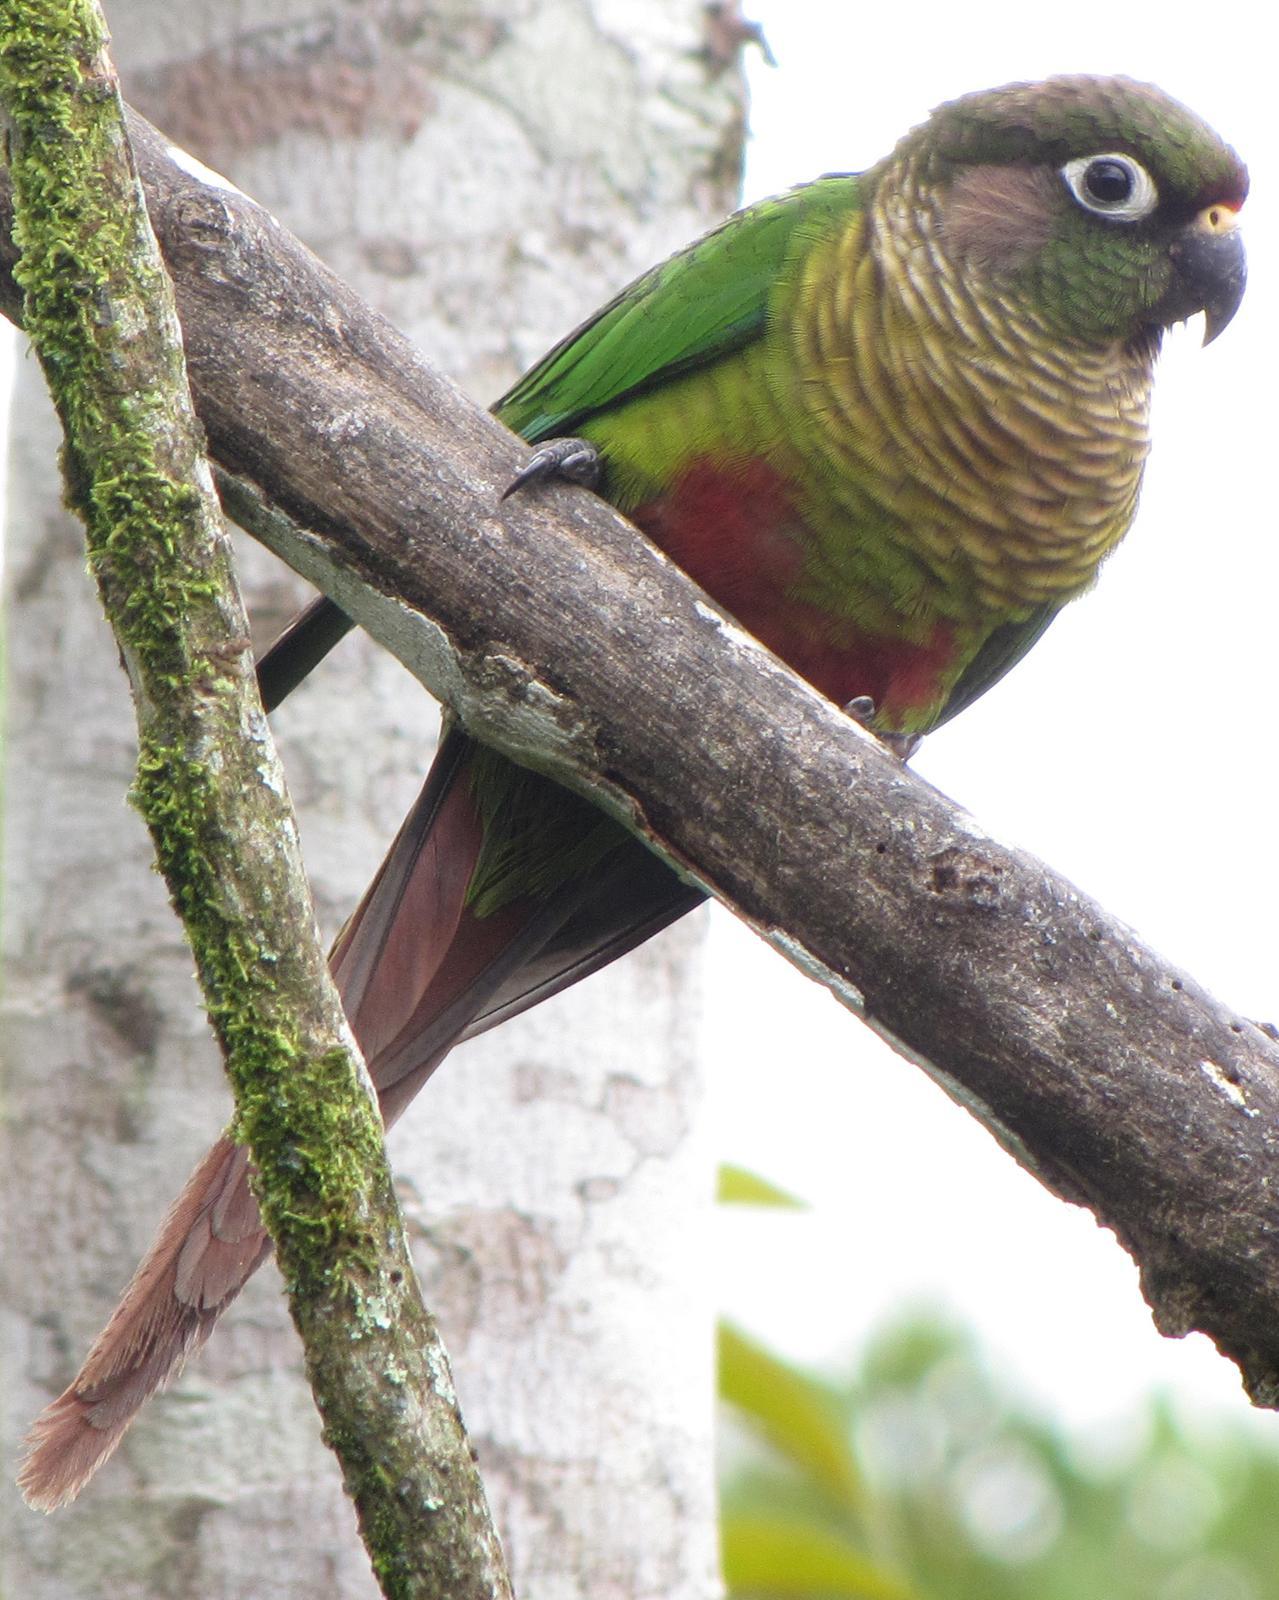 Maroon-bellied Parakeet Photo by Kent Fiala